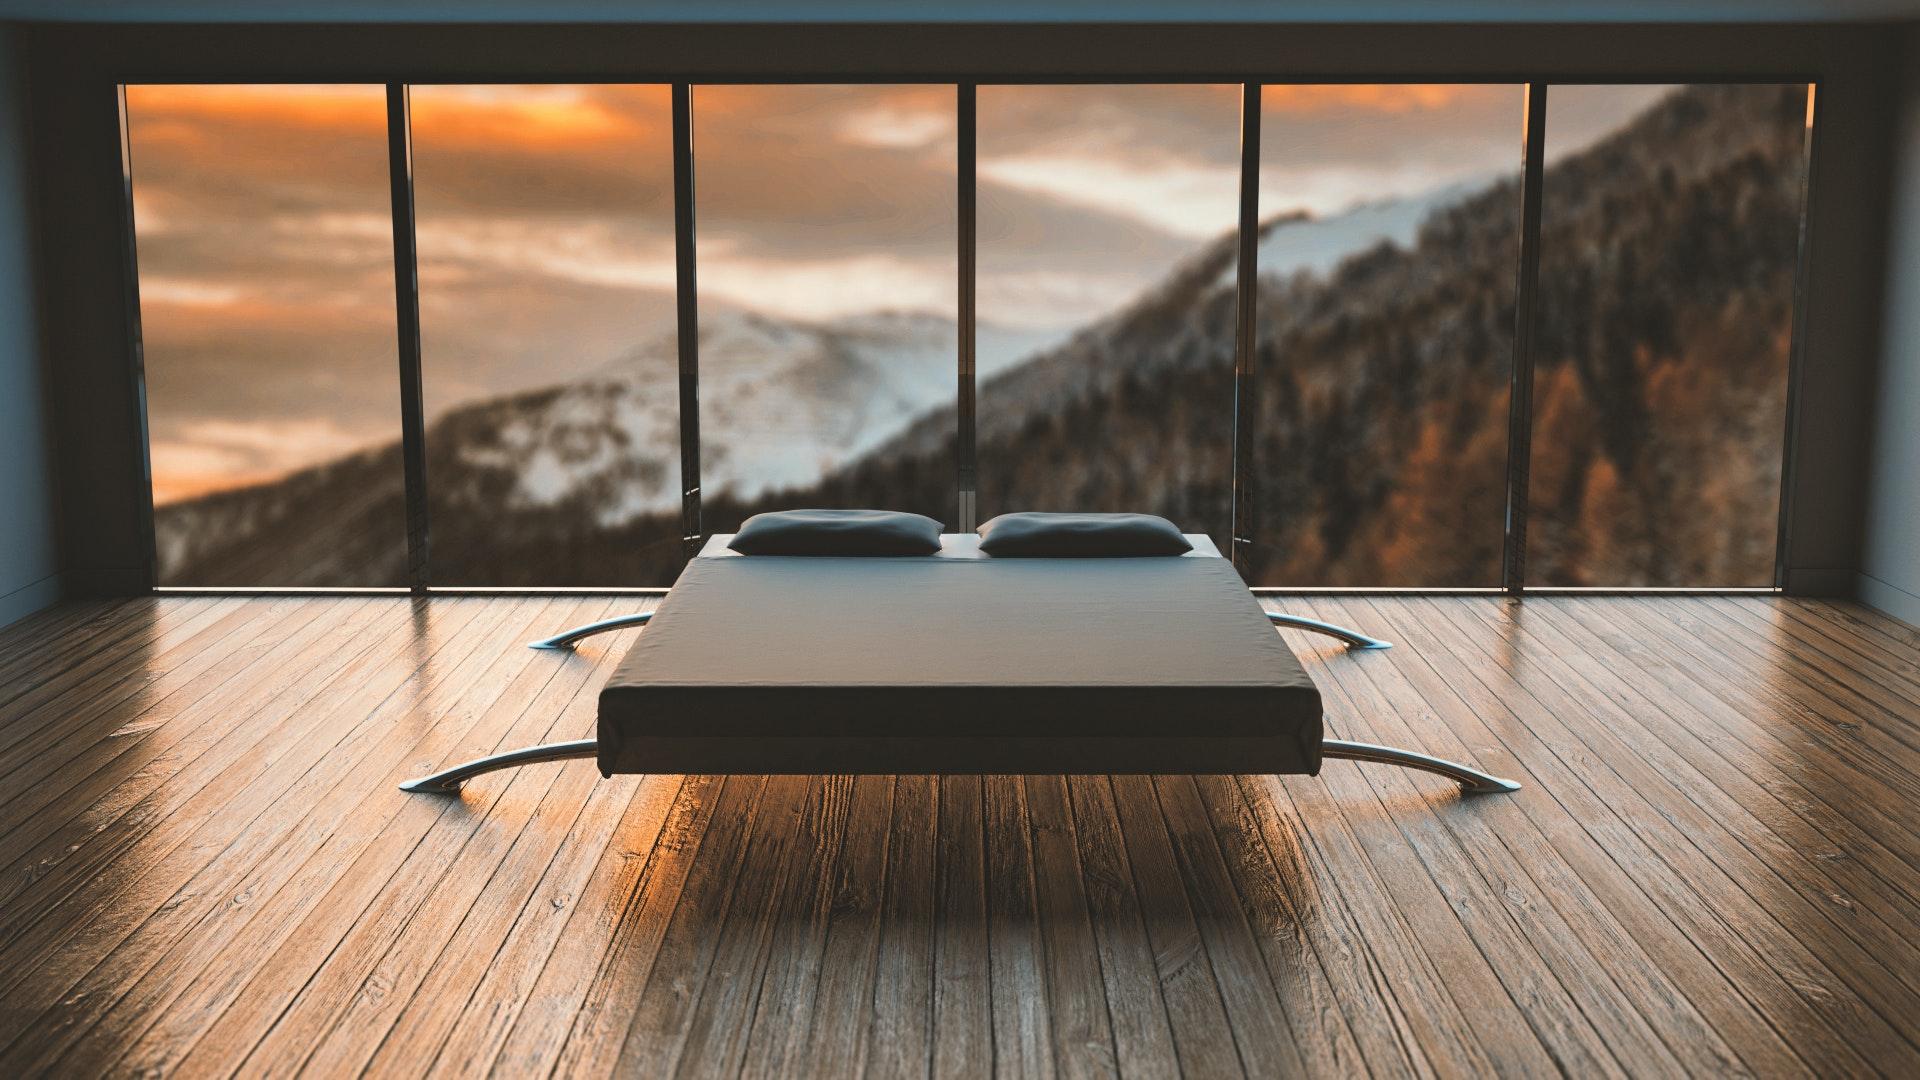 250 Inspiring Furniture Photos 183 Pexels 183 Free Stock Photos